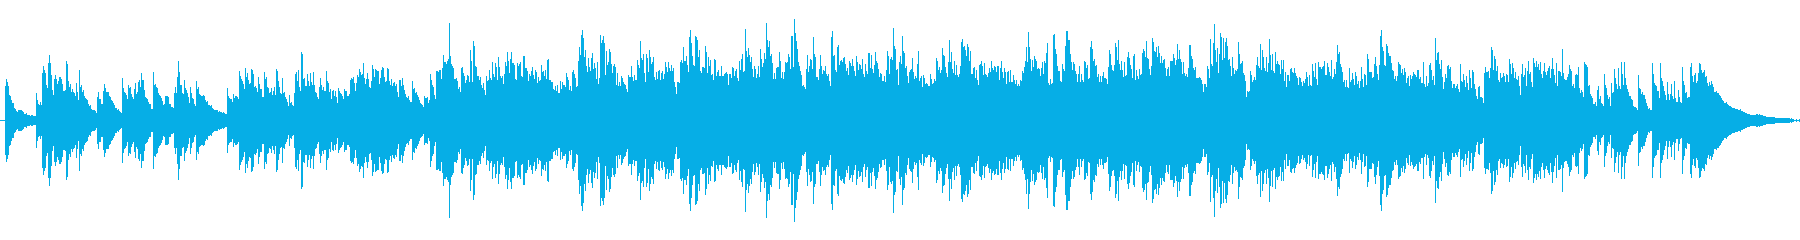 バロックの曲調の再生済みの波形